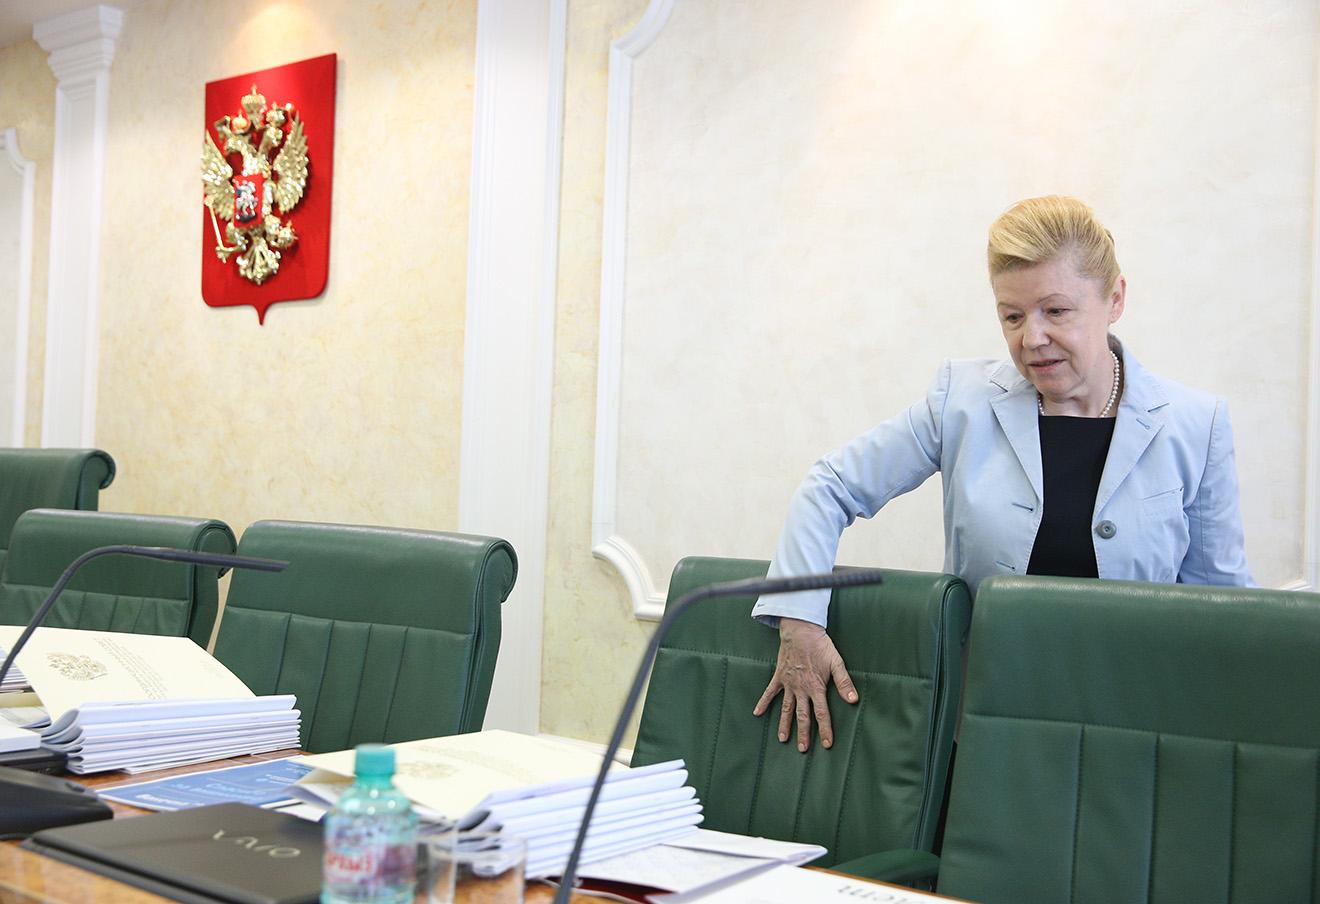 Елена Мизулина. Фото: Михаил Почуев / ТАСС